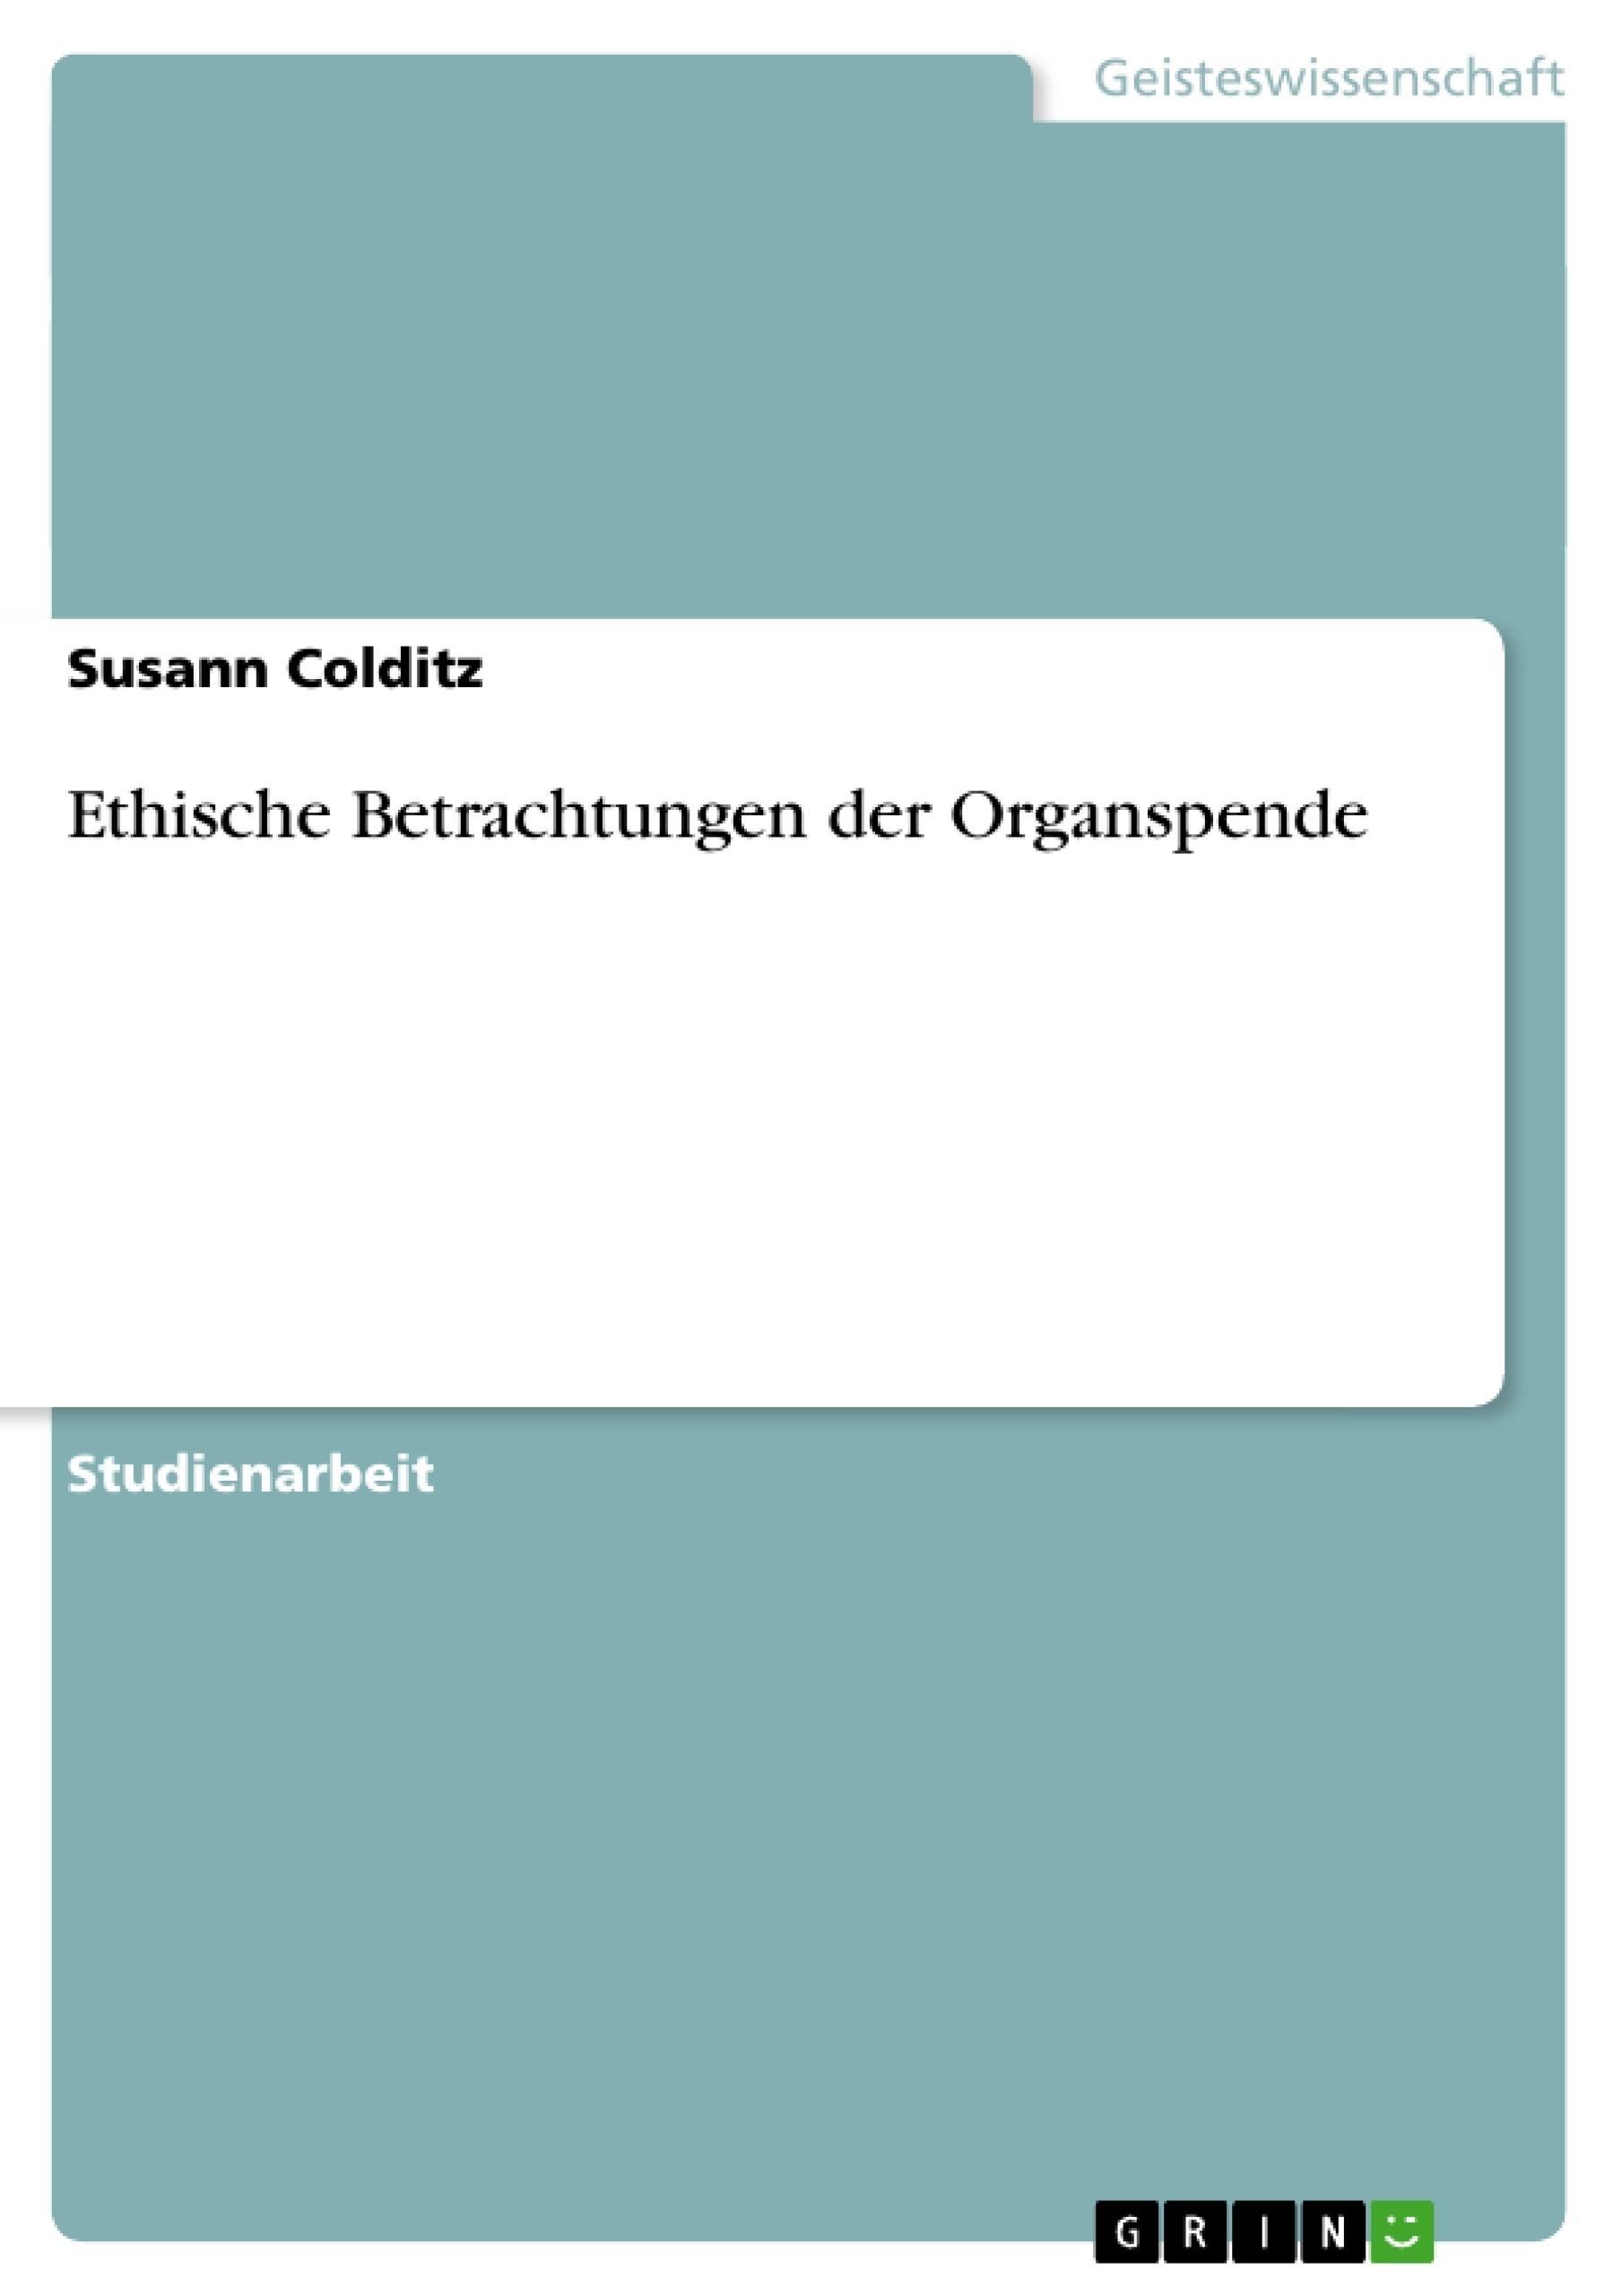 Titel: Ethische Betrachtungen der Organspende